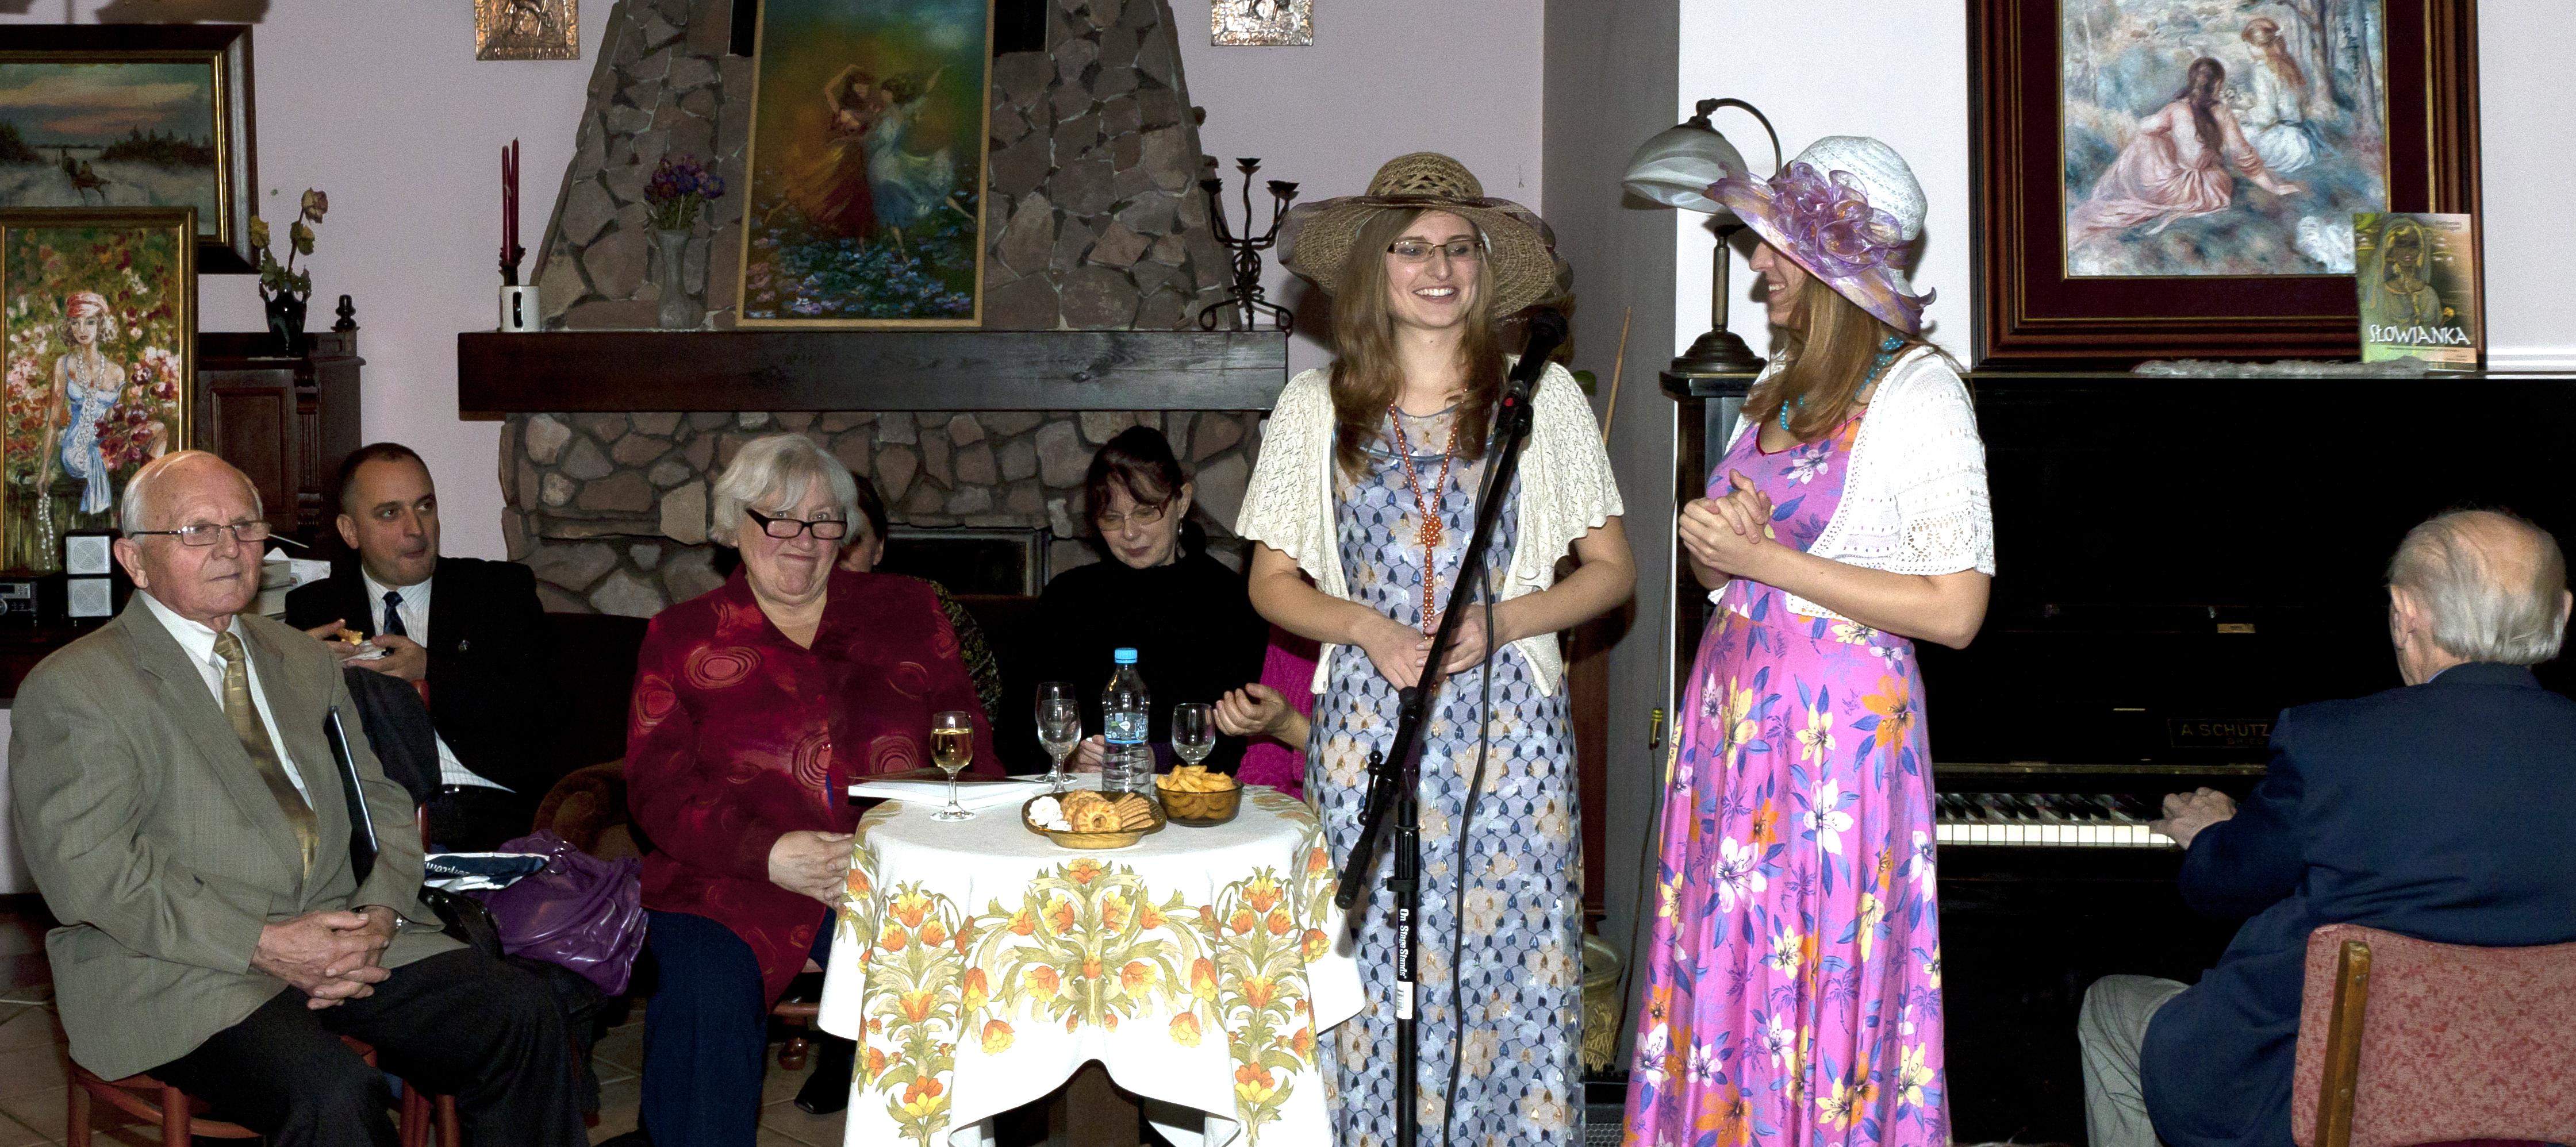 ... , Bundesrepublik Deutschland sucht Muslim zum Heiraten » Muslimlife